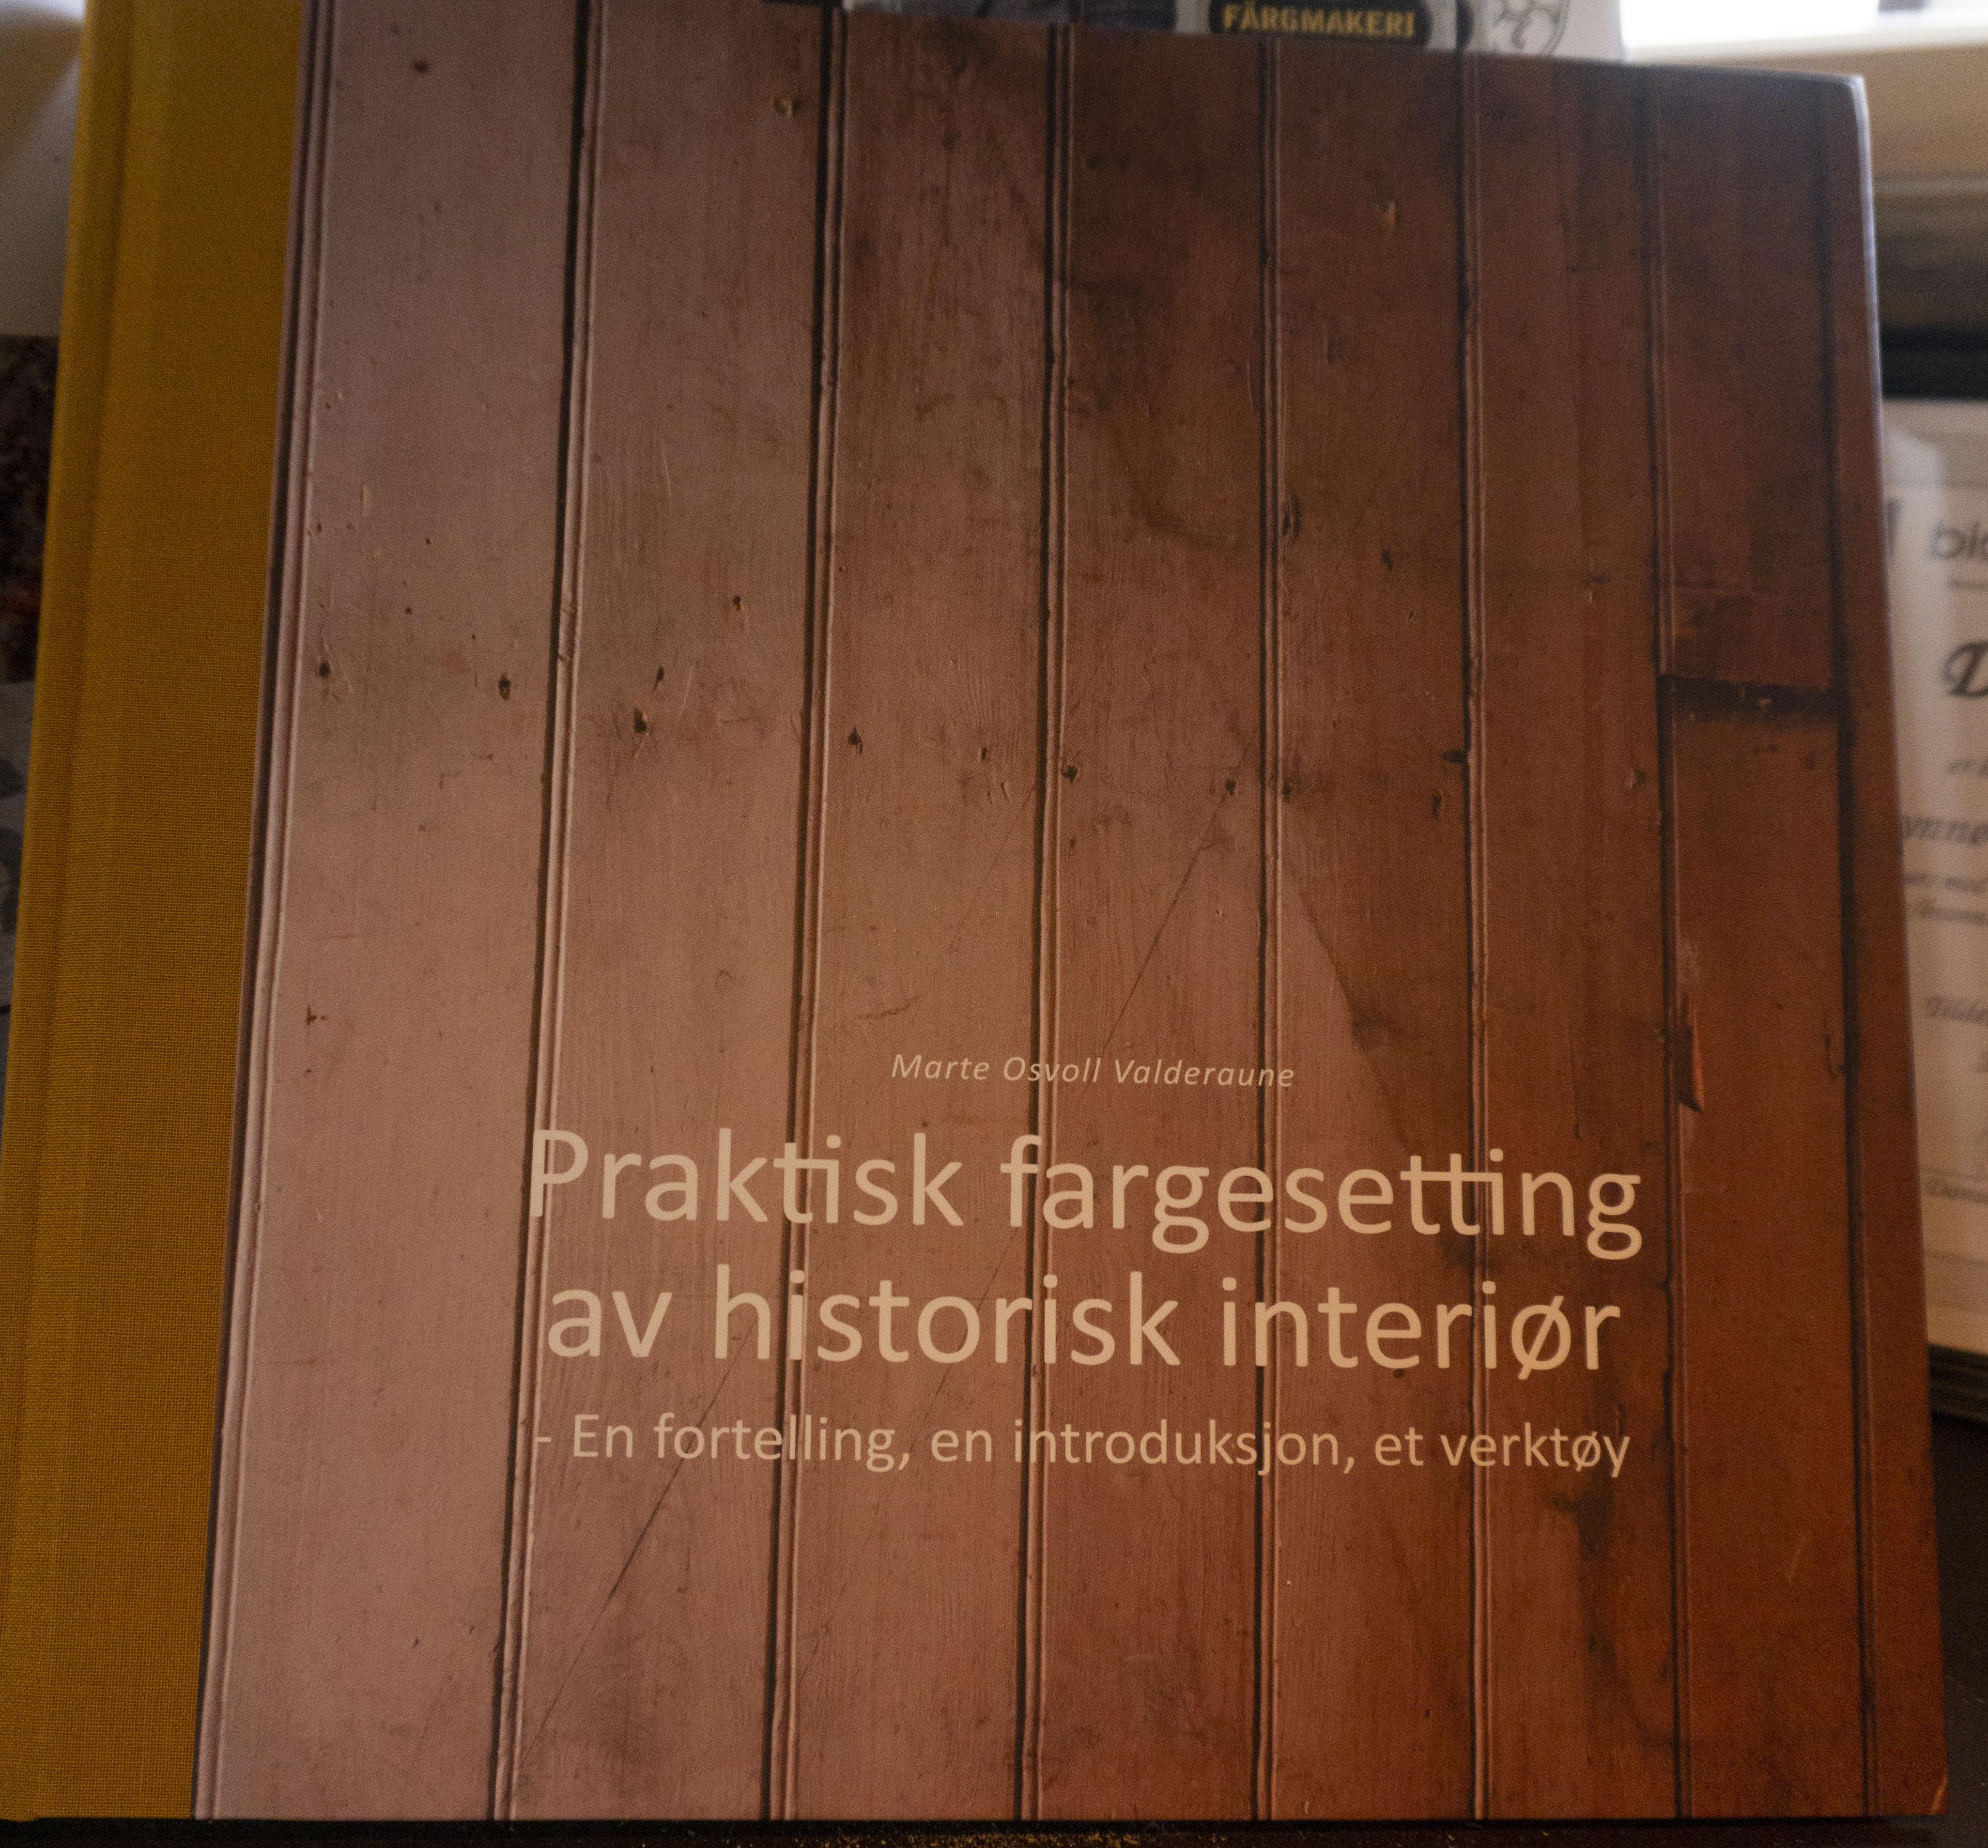 Praktisk fargesetting av historisk interiør